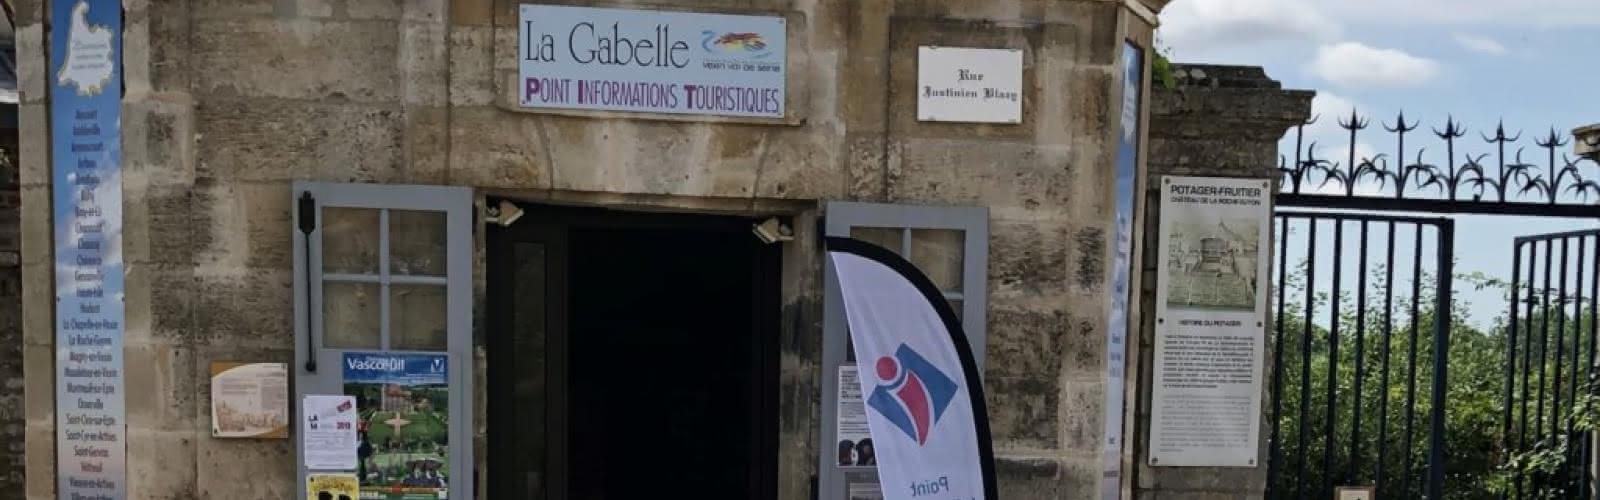 La Gabelle – Point Info Tourisme